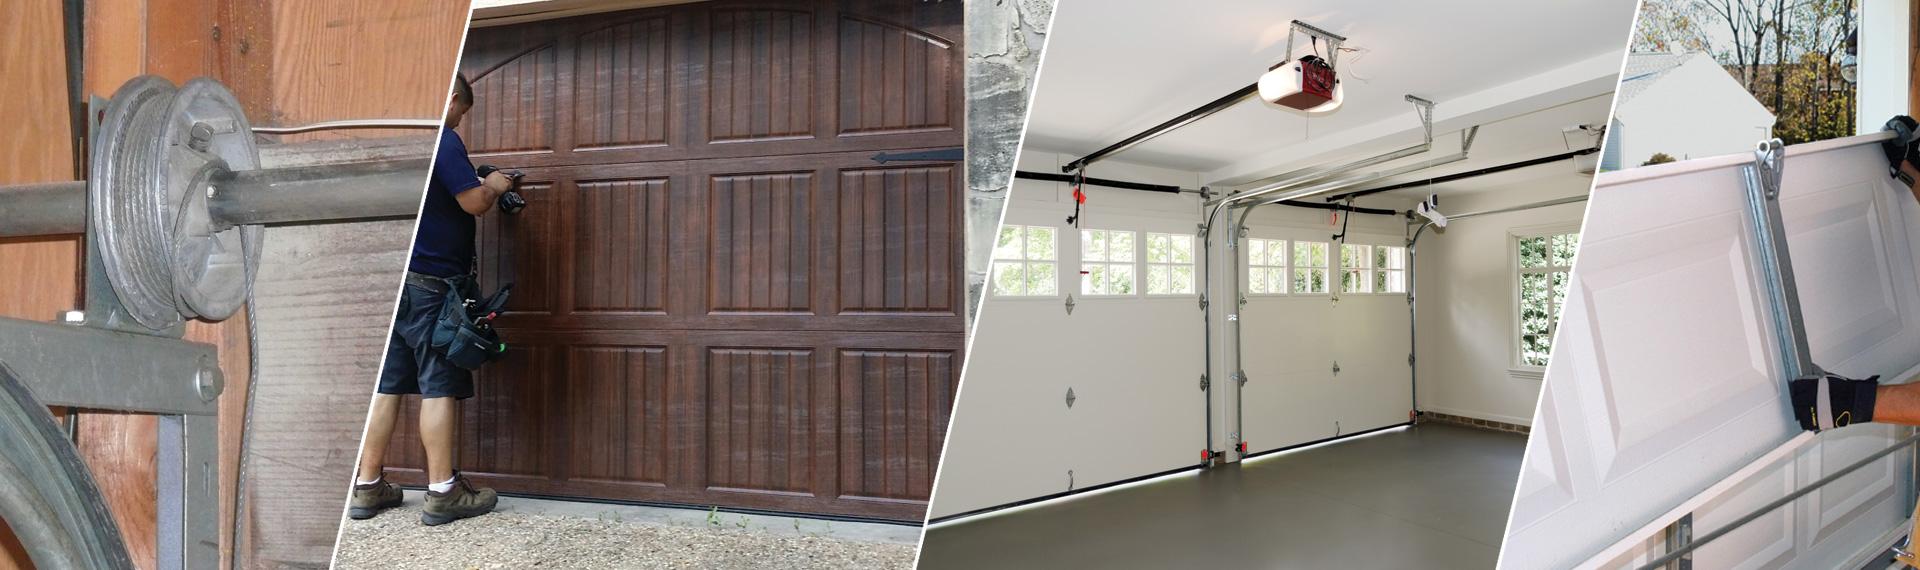 All Garage Door Services Camden NJ